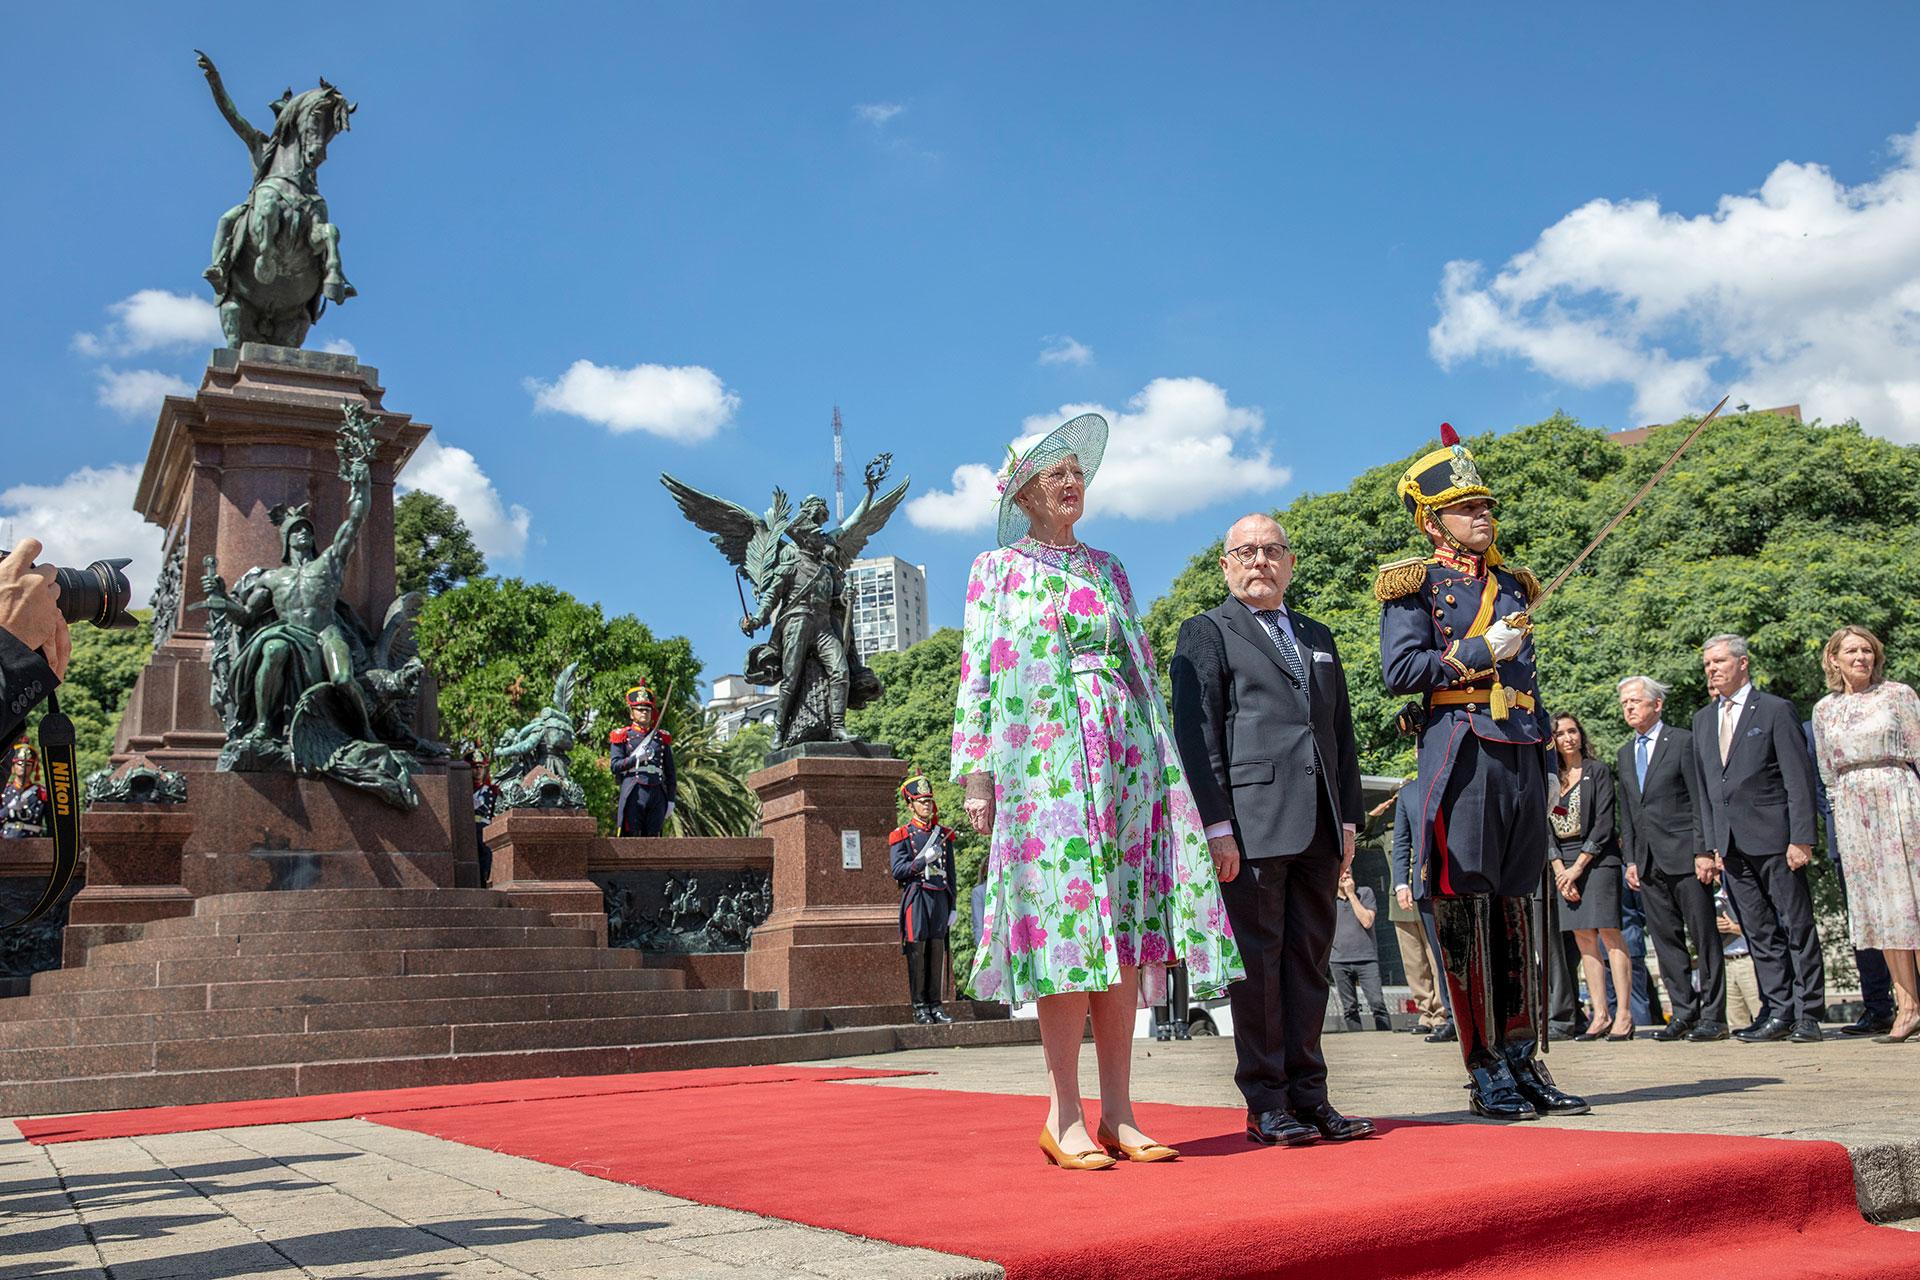 En el marco de la visita de Estado recorrió junto al ministro de Relaciones Exteriores, Jorge Faurie, el monumento en plaza San Martín